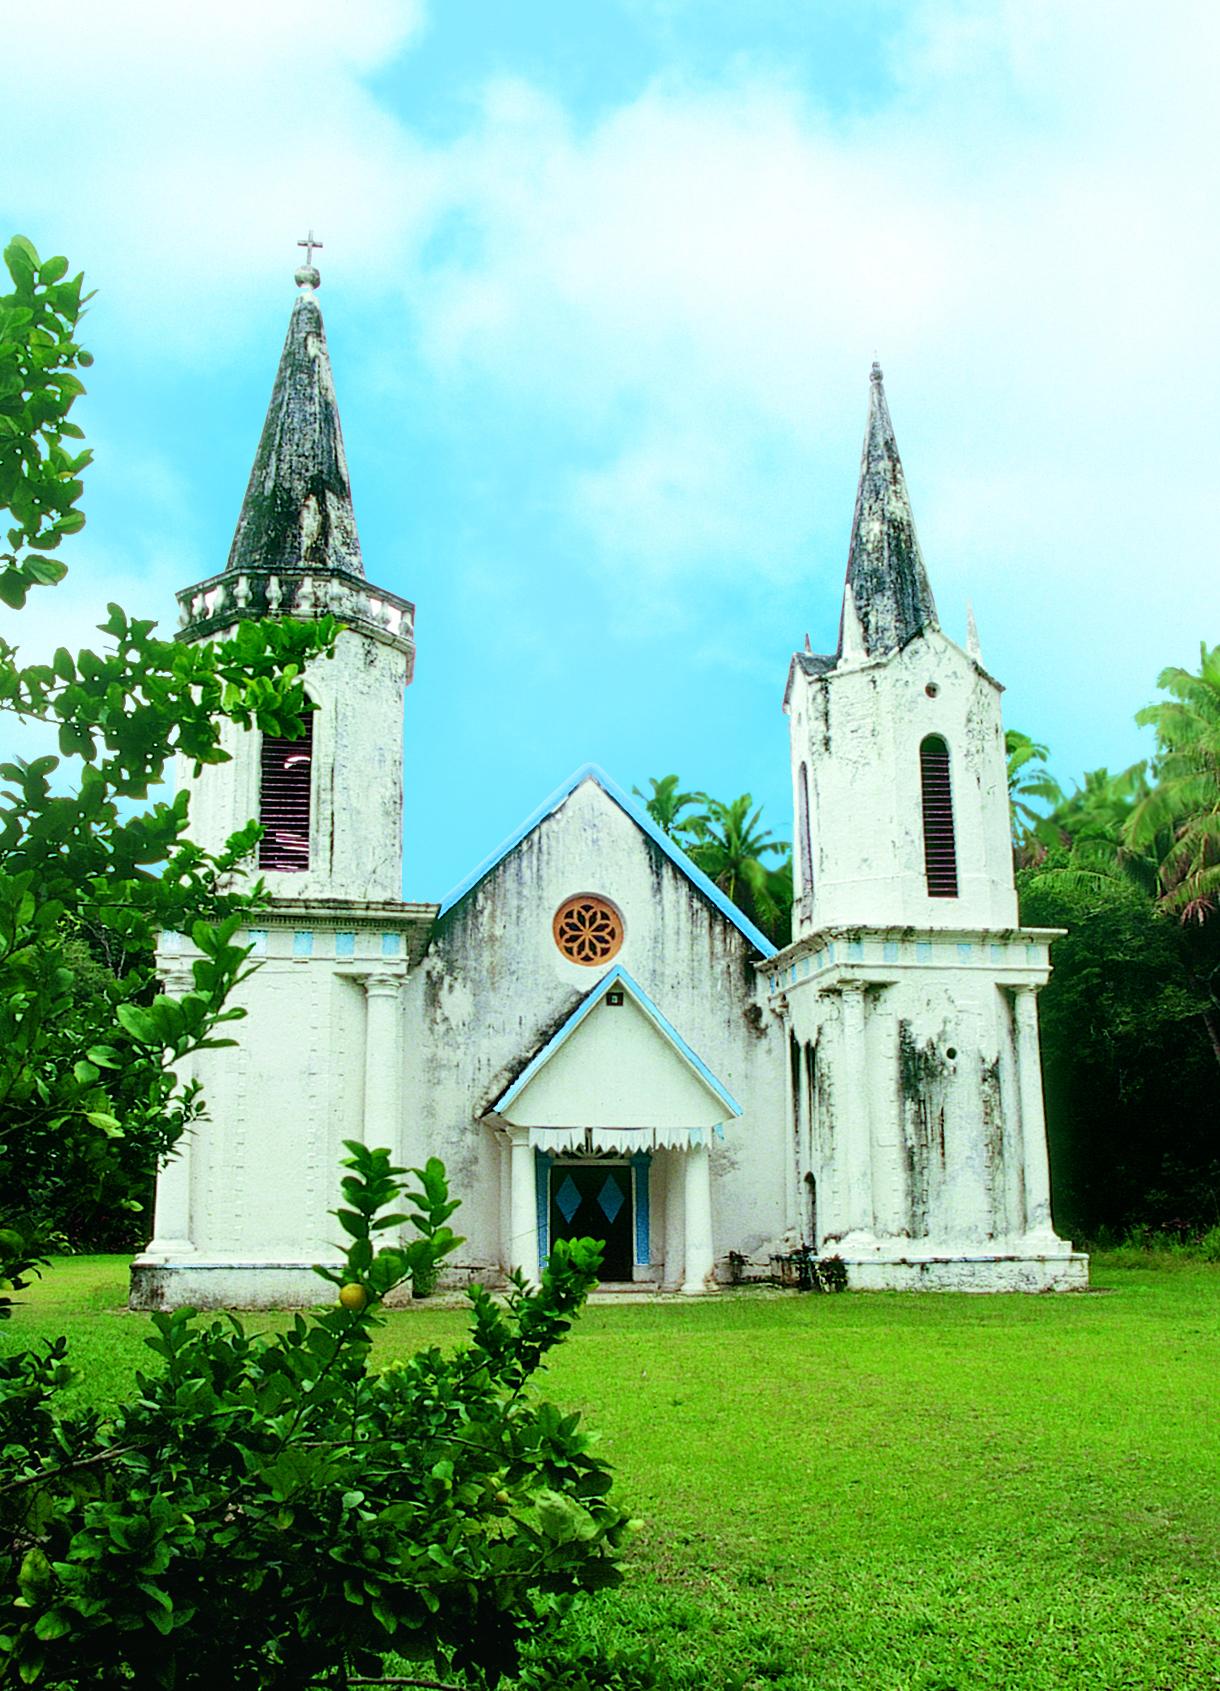 Sur l'île de Aukena, le père Laval avait fait bâtir un collège pour former les jeunes Mangaréviens. La nature, petit à petit, reprend ses droits.